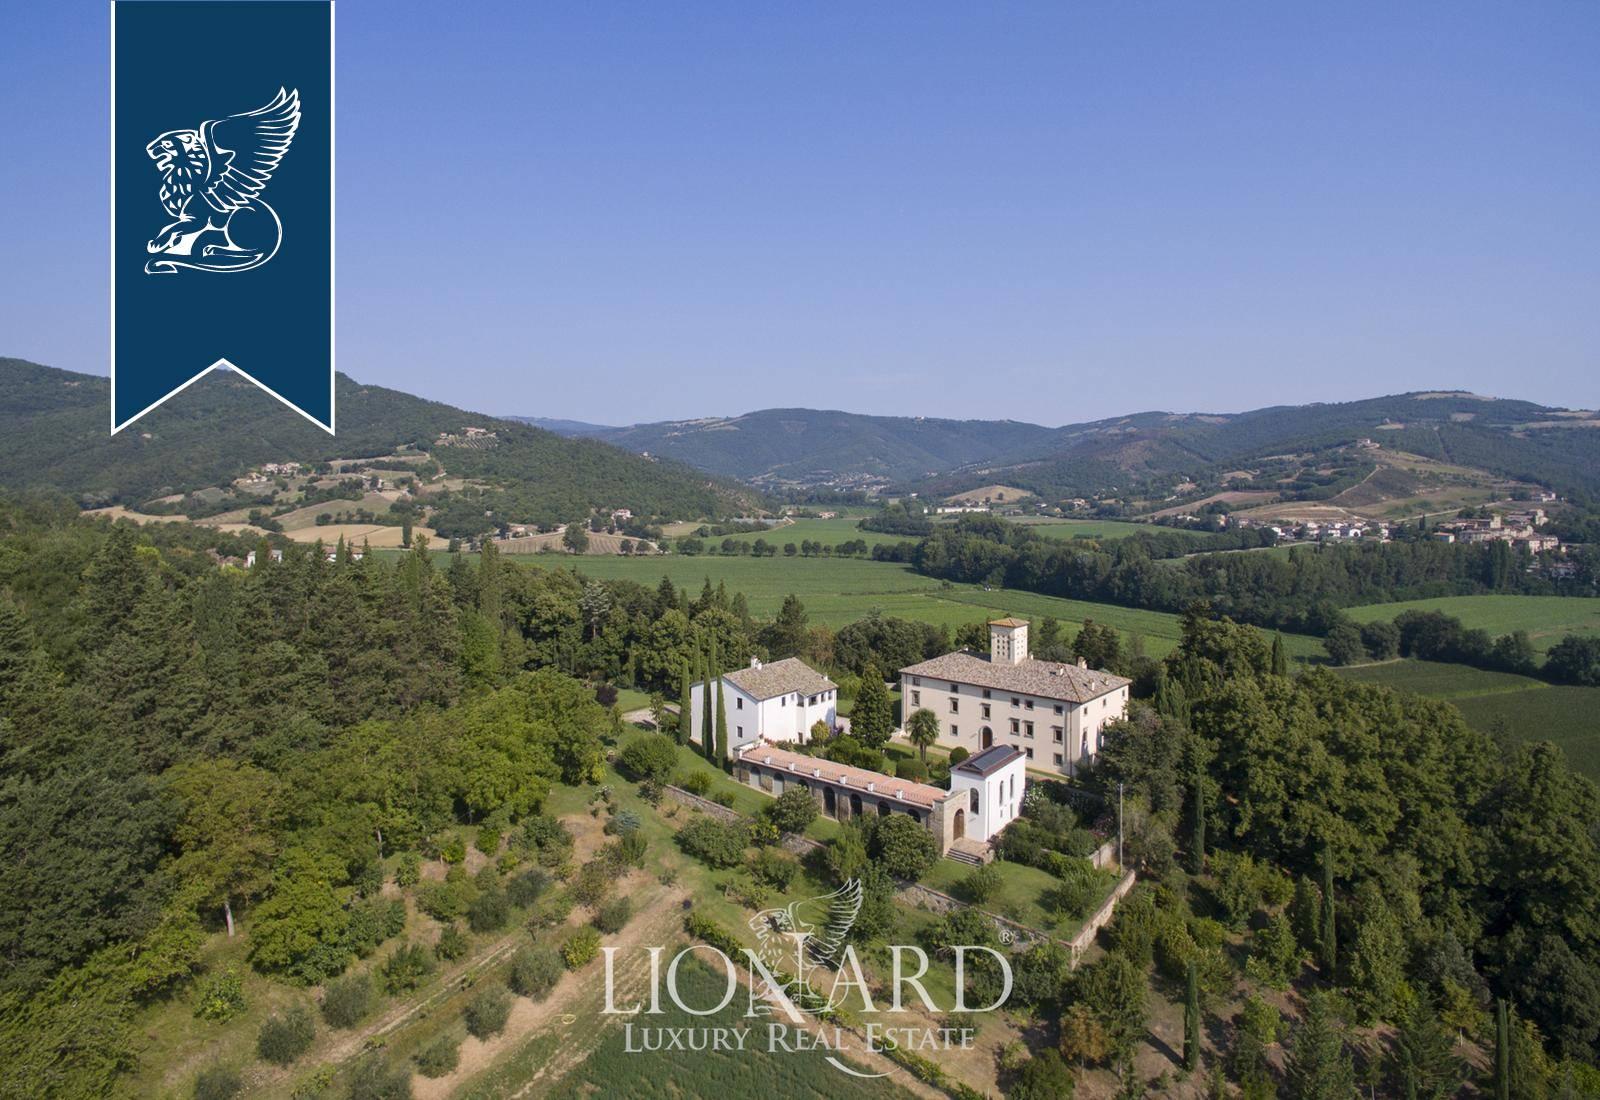 Azienda in Vendita a Citta' Di Castello: 0 locali, 1500 mq - Foto 5